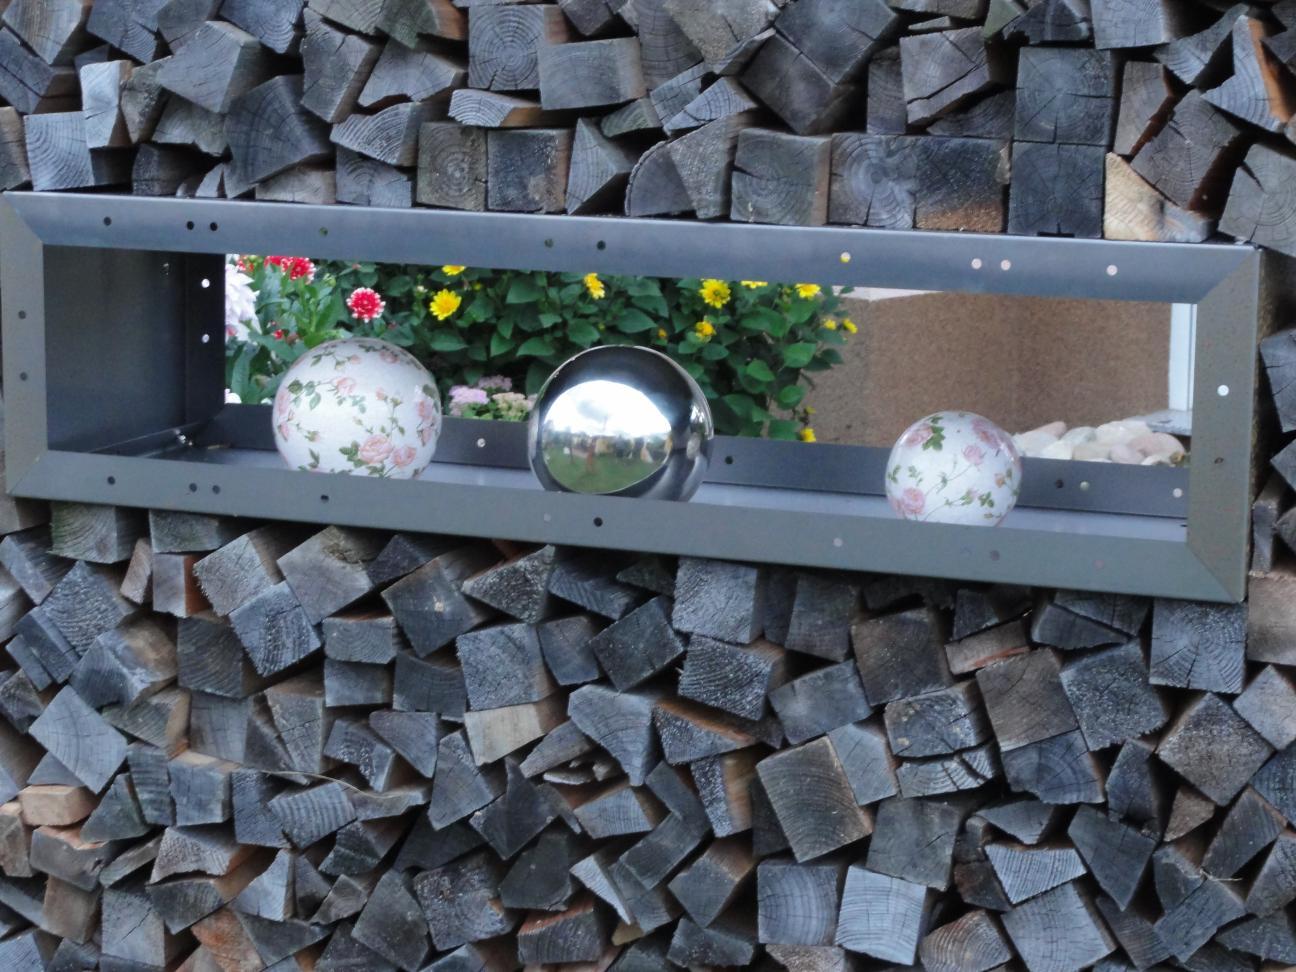 Full Size of Holzlege Cortenstahl Fenster Kaminholzregal Ohne Rckwand 1 Wohnzimmer Holzlege Cortenstahl